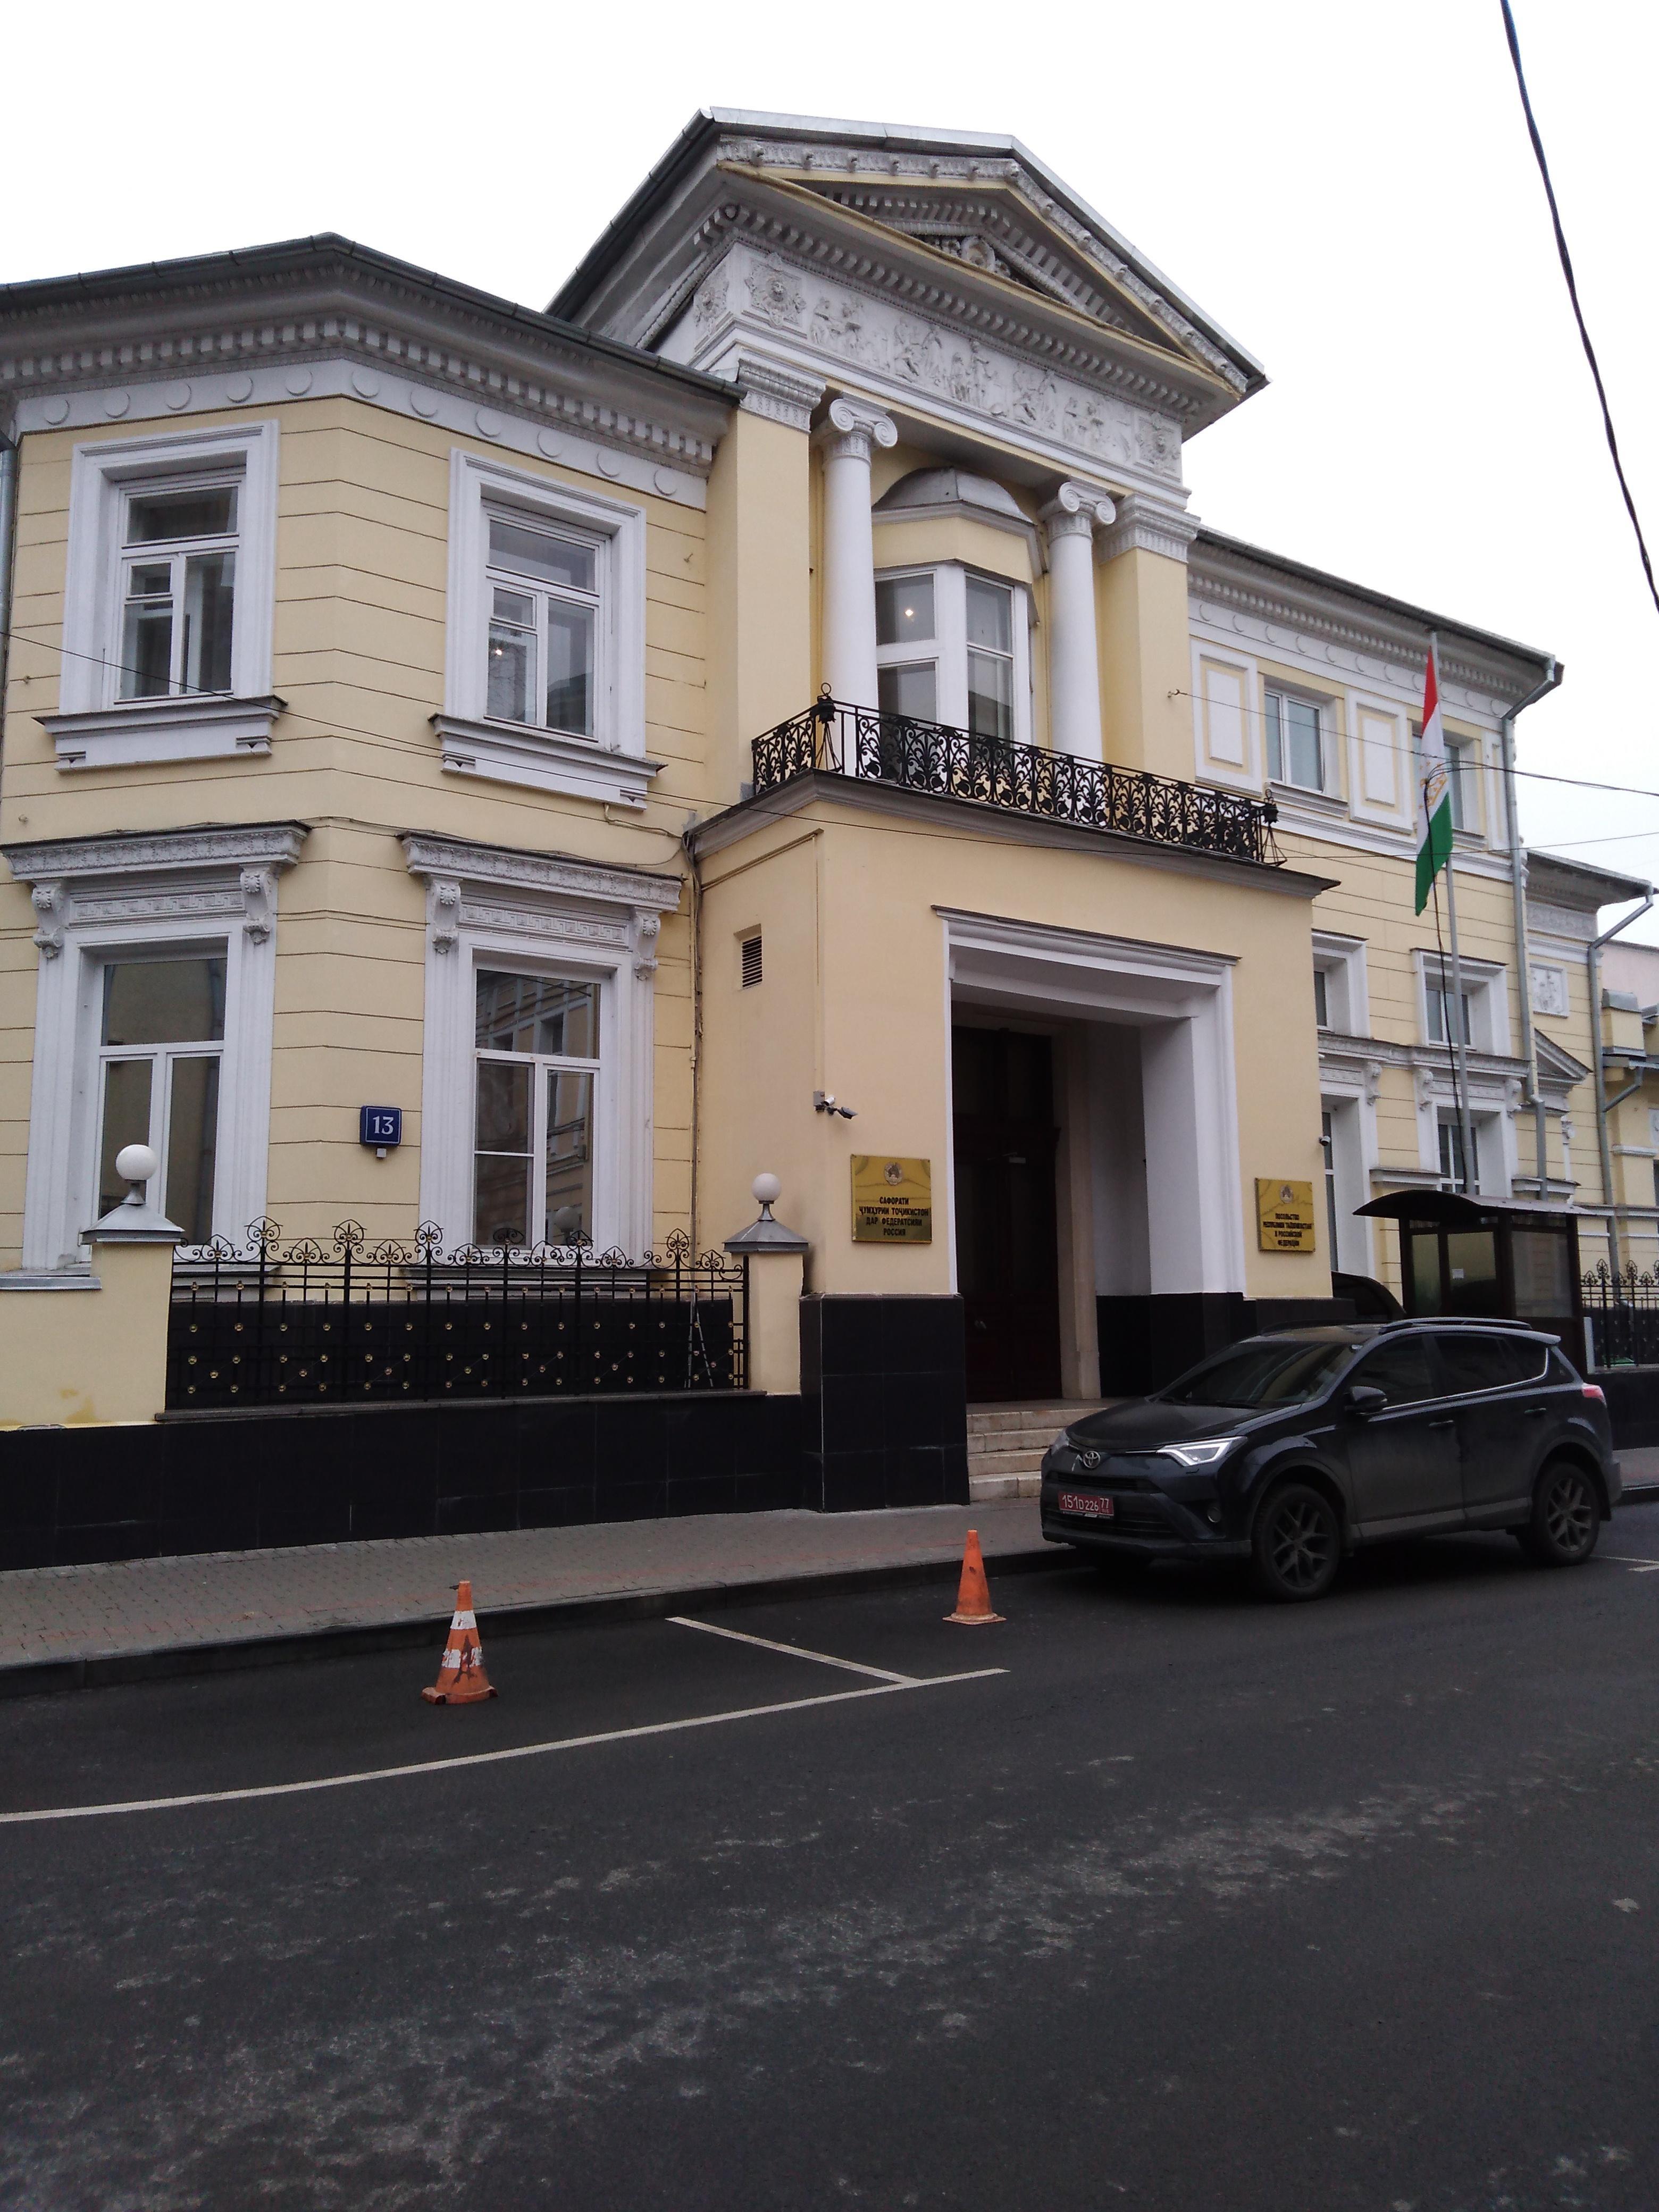 Посольство Республики Таджикистан в РФ, Гранатный переулок, 13